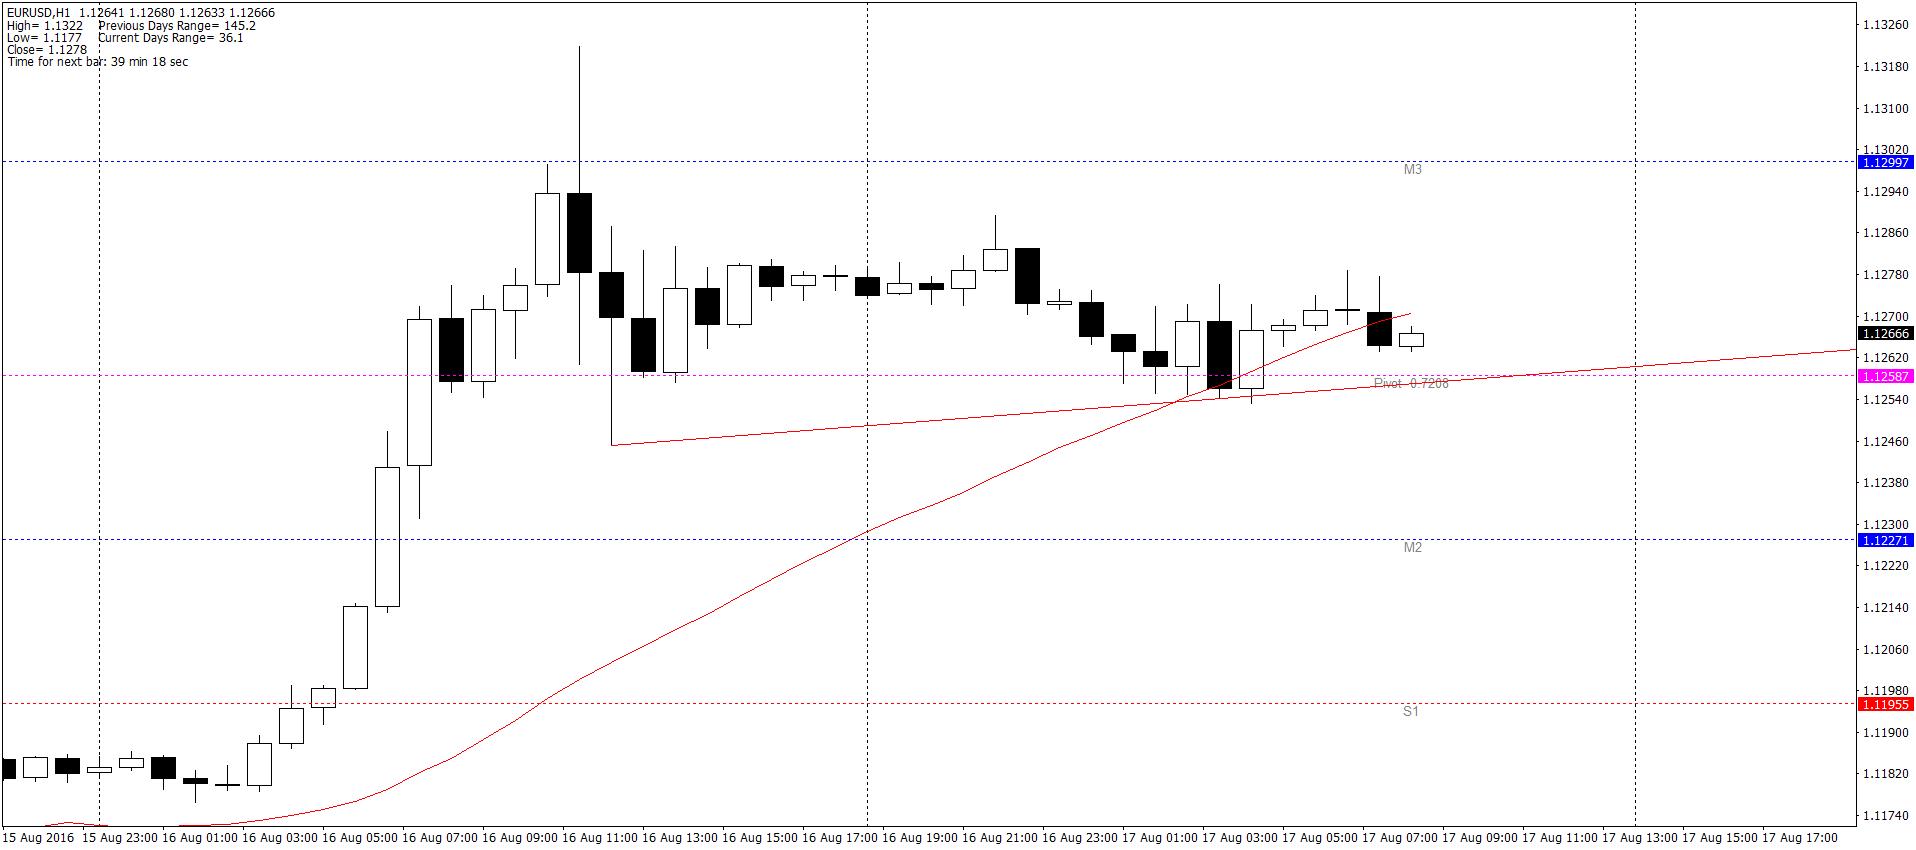 EUR/USD H1 – jak na razie dosyć płasko – przez zdecydowaną większość dnia powyżej dziennego poziomu PP